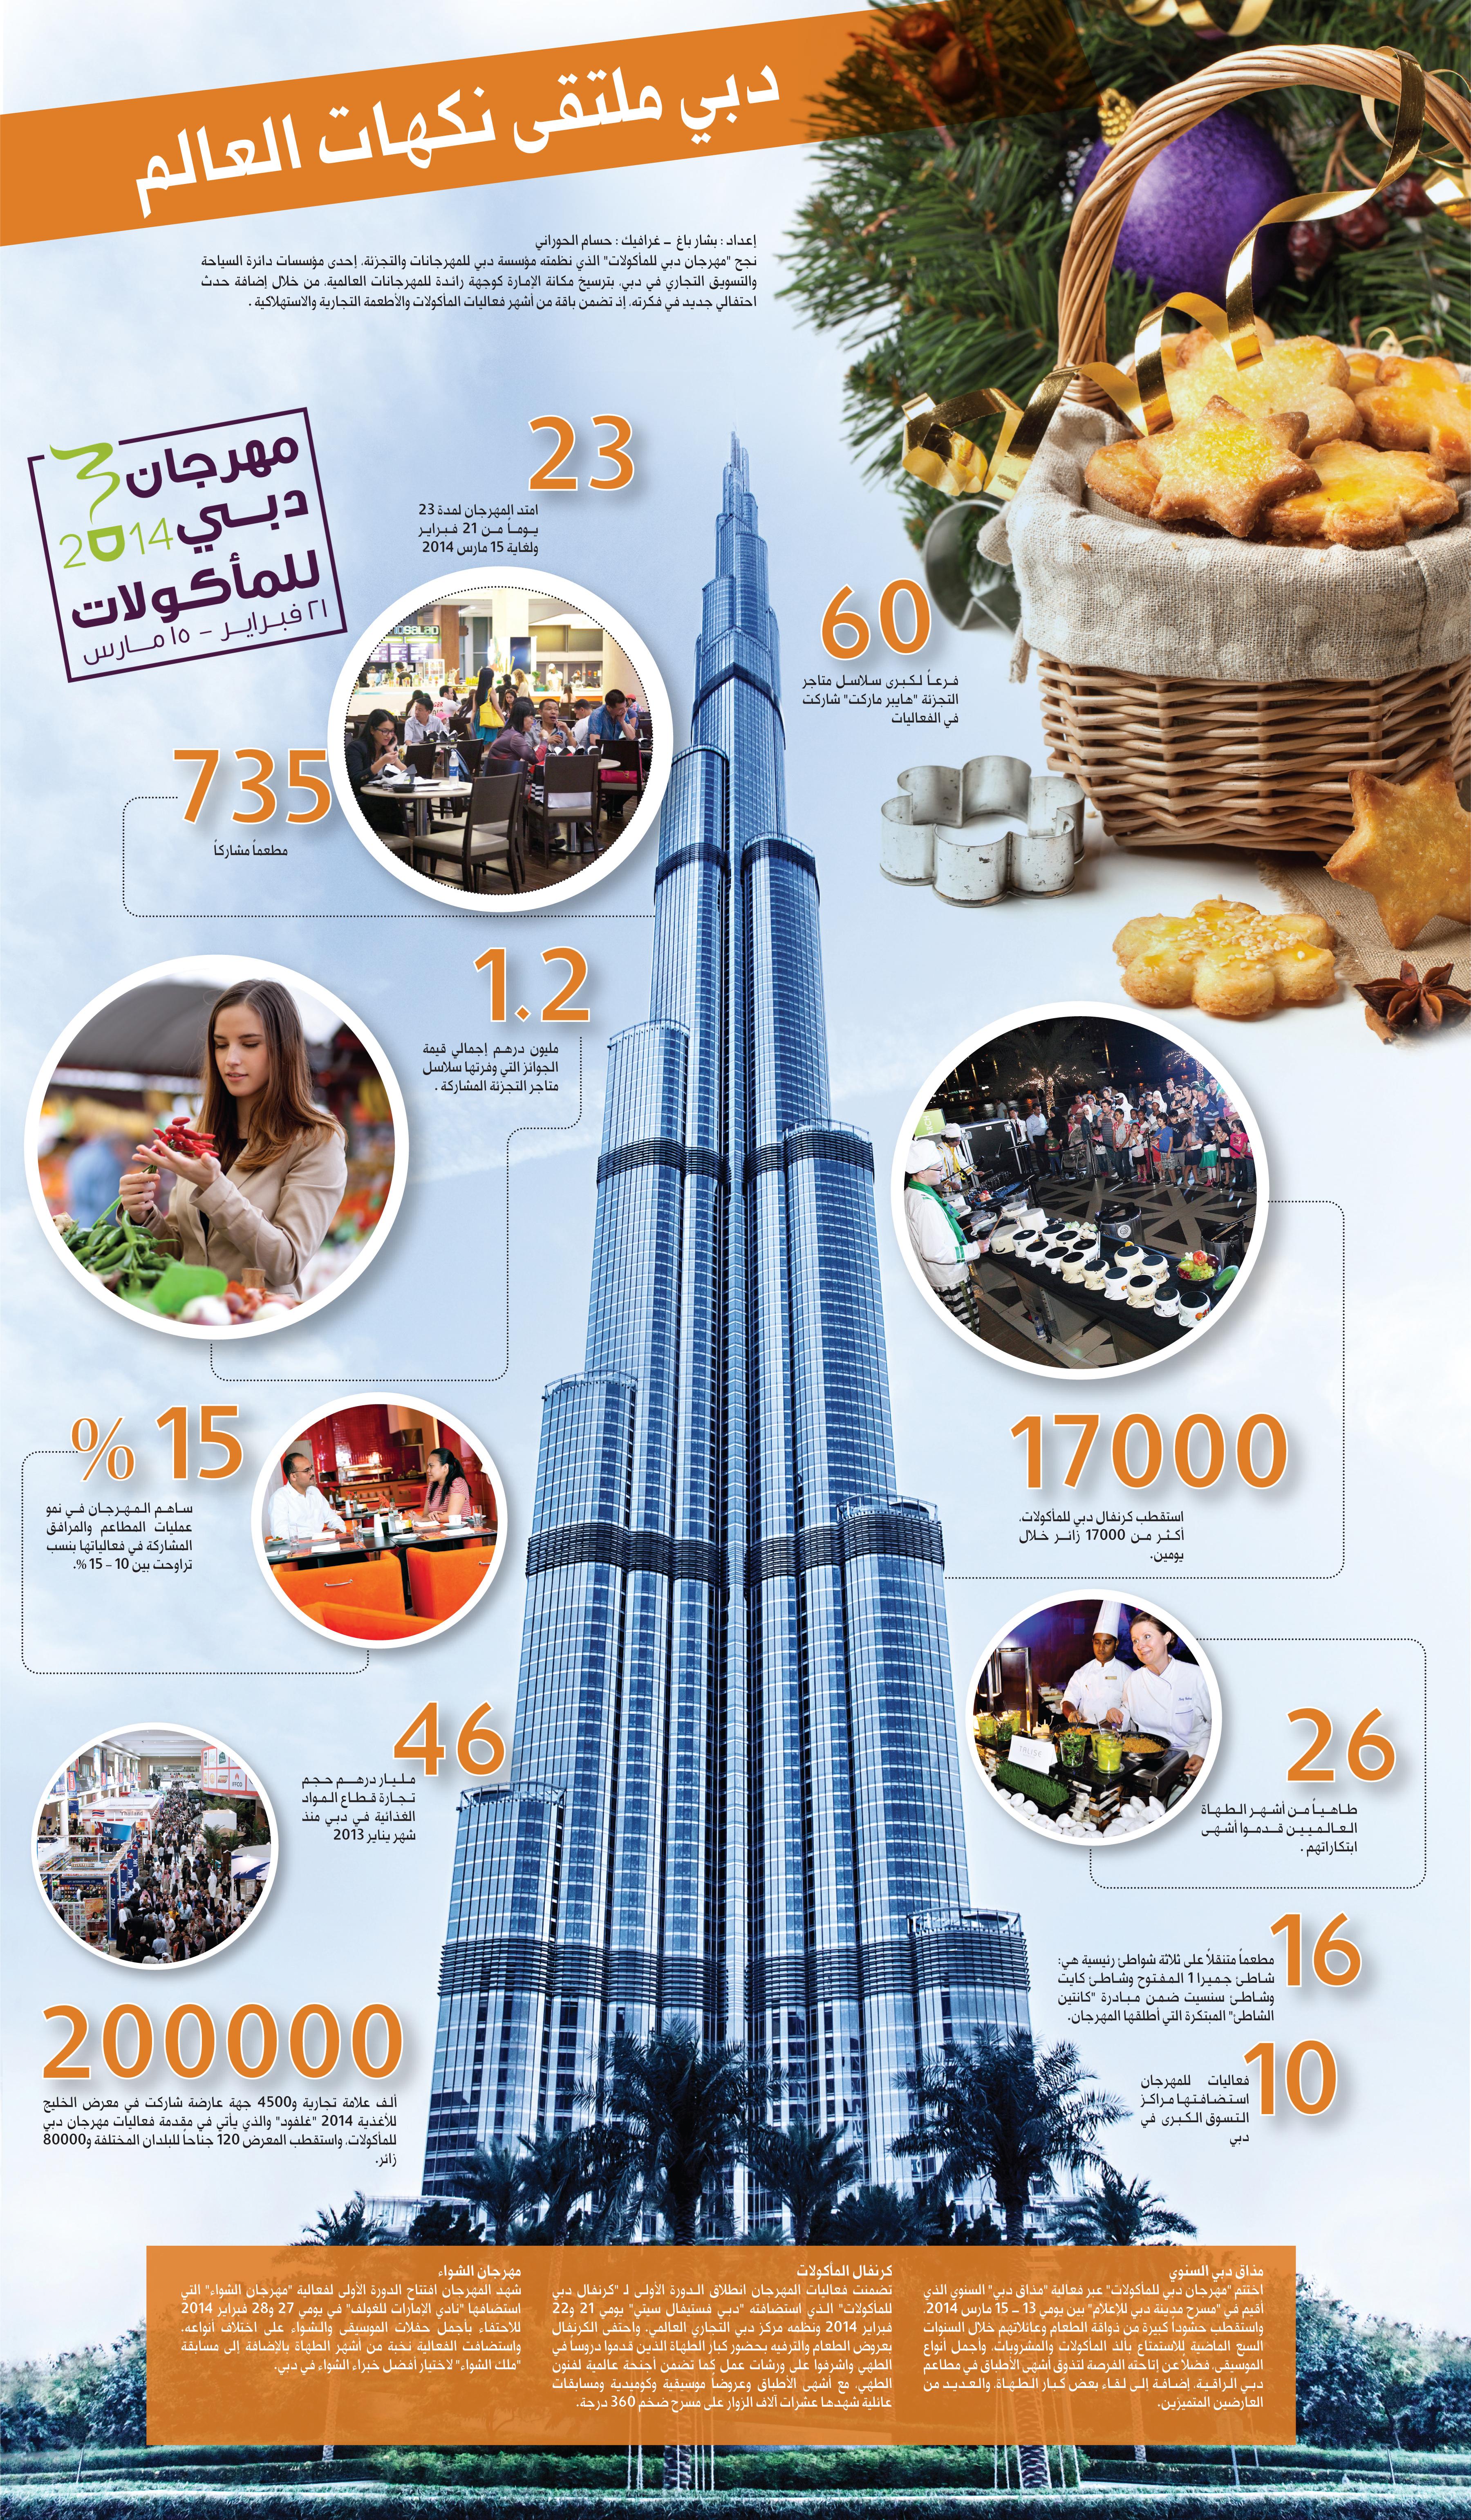 دبي ملتقى نكهات العالم